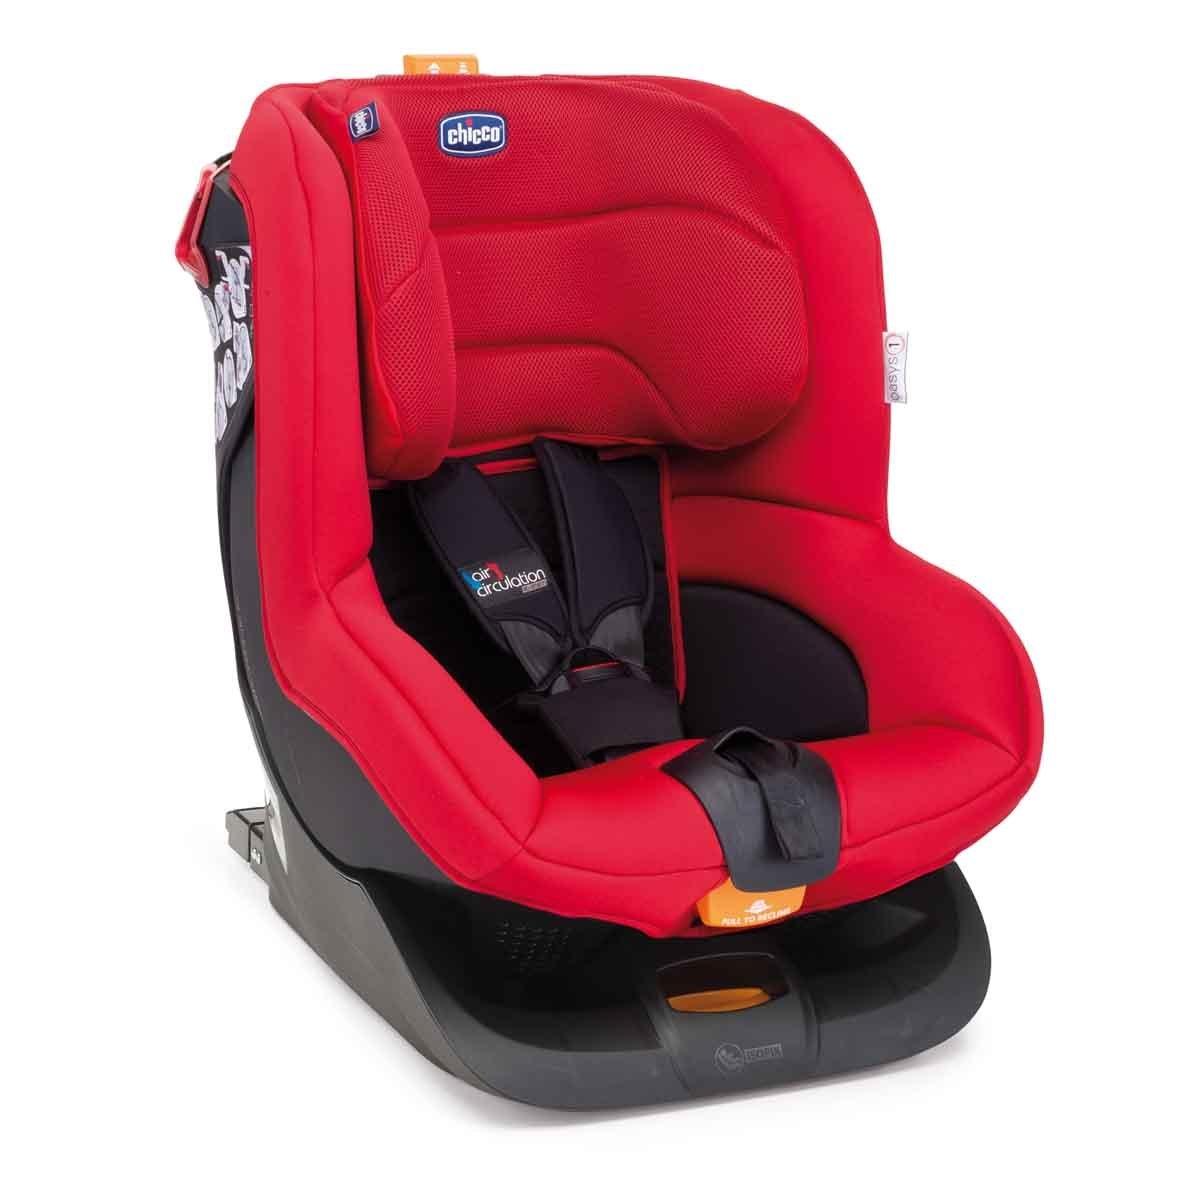 chicco si ge de voiture pour enfant oasys 1 isofix design 2015 au choix ebay. Black Bedroom Furniture Sets. Home Design Ideas